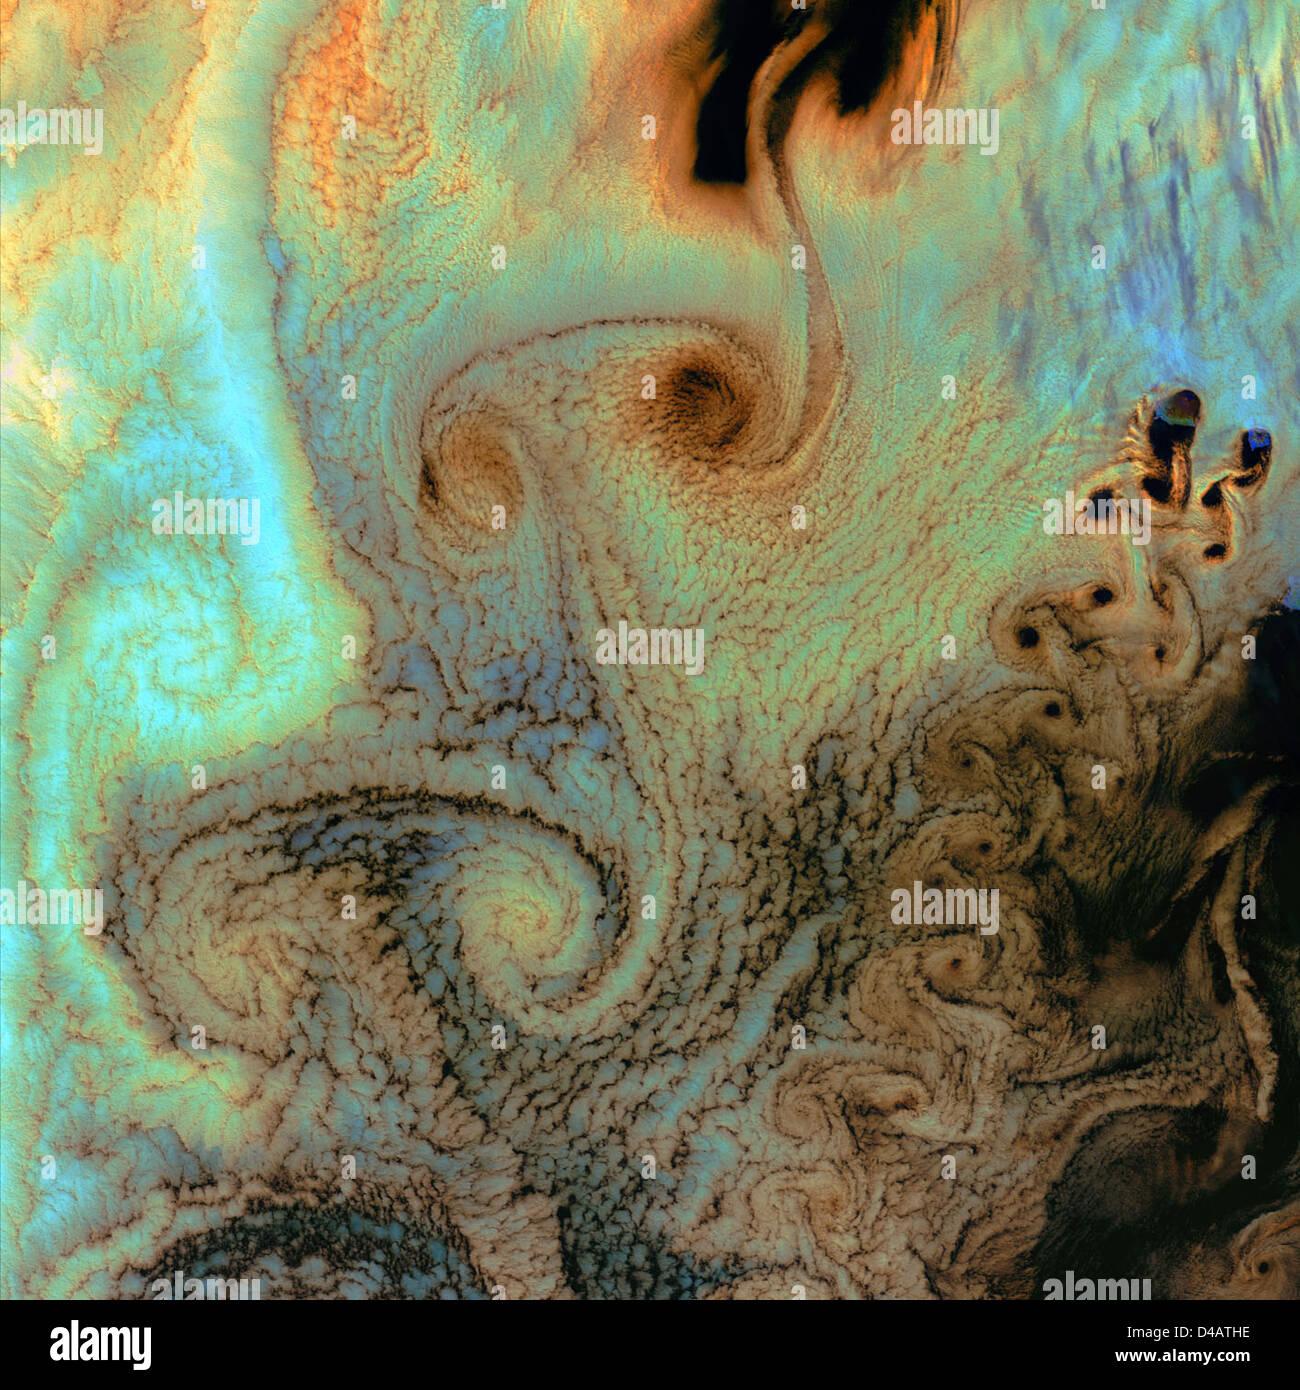 Von Karman Vortices - Stock Image